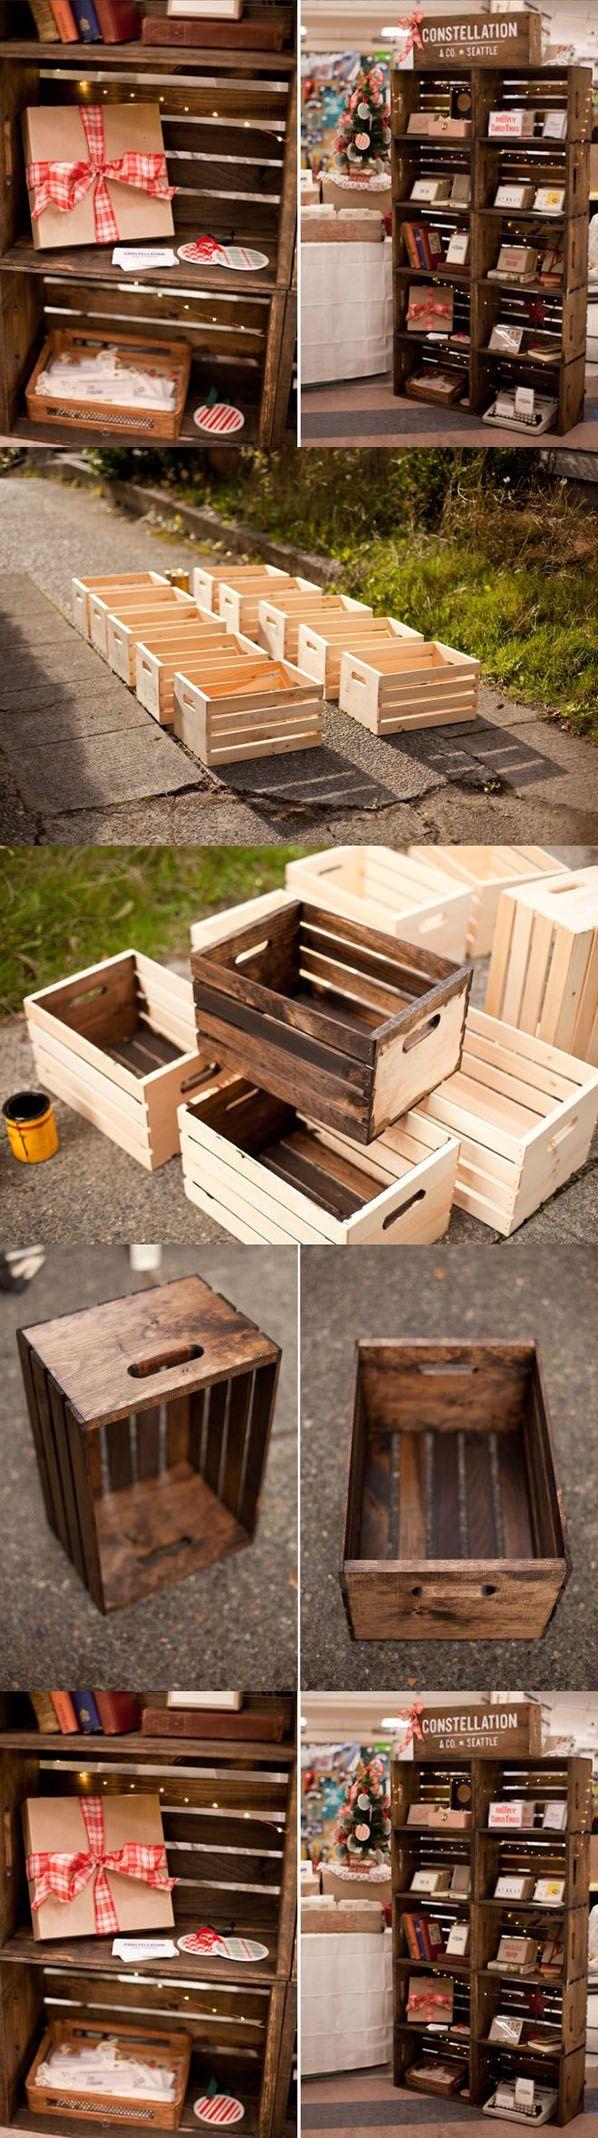 Diy Great Wood Container | DIY & Crafts Tutorials